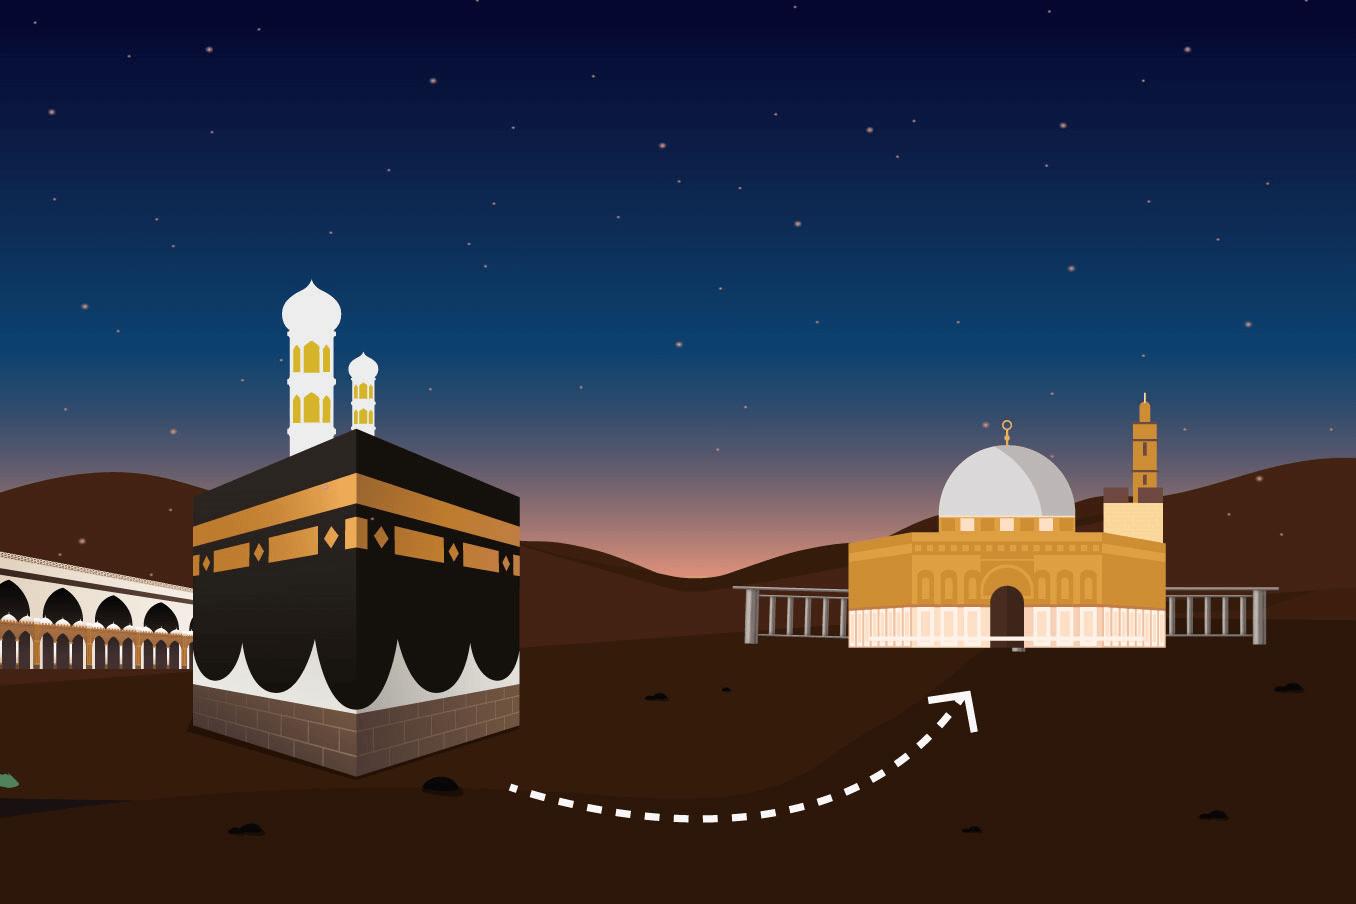 رحلة الإسراء والمعراج من مكة المكرمة إلى بيت المقدس